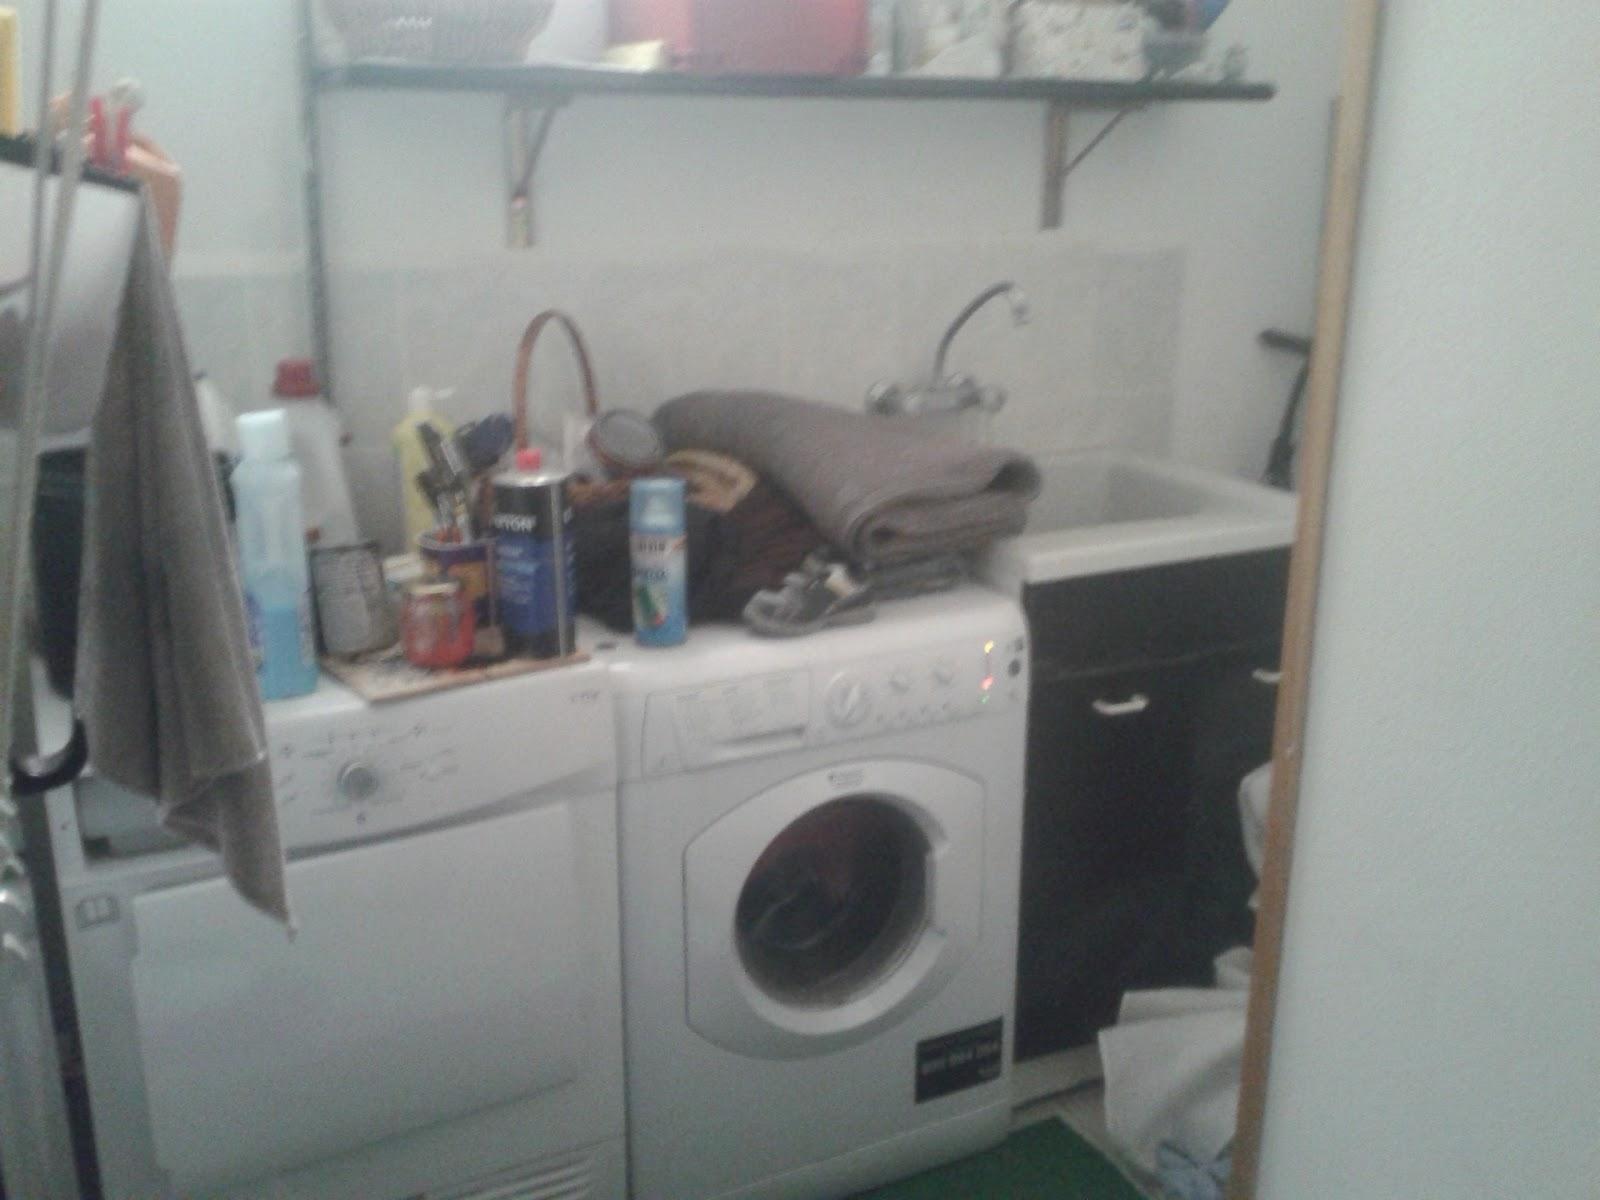 Organizzare la lavanderia il viaggio continua a tea for u - Lavanderia in casa ...